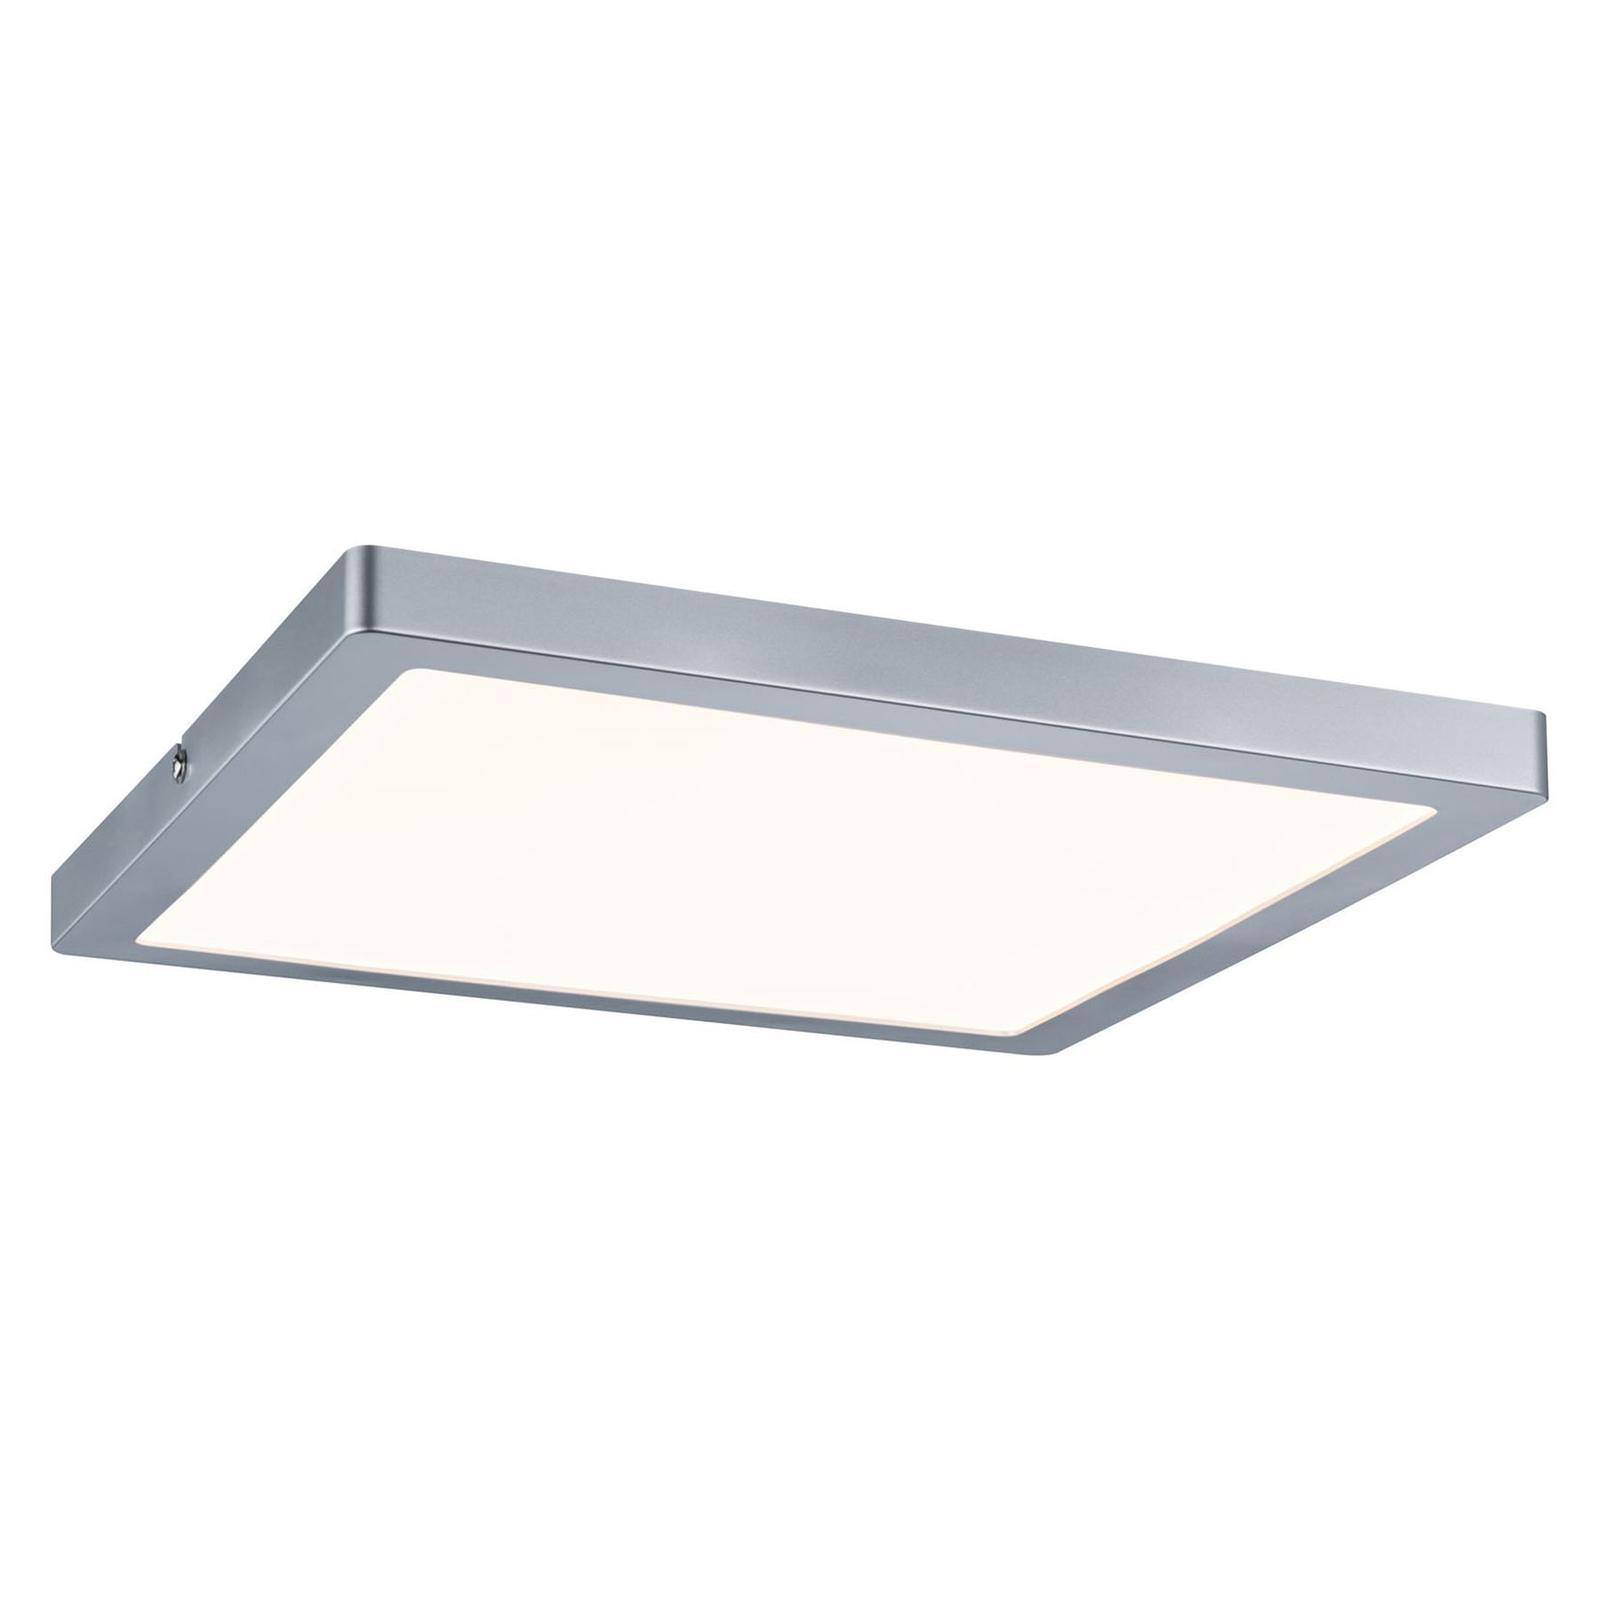 Paulmann Atria LED plafondlamp 30x30cm chroom mat